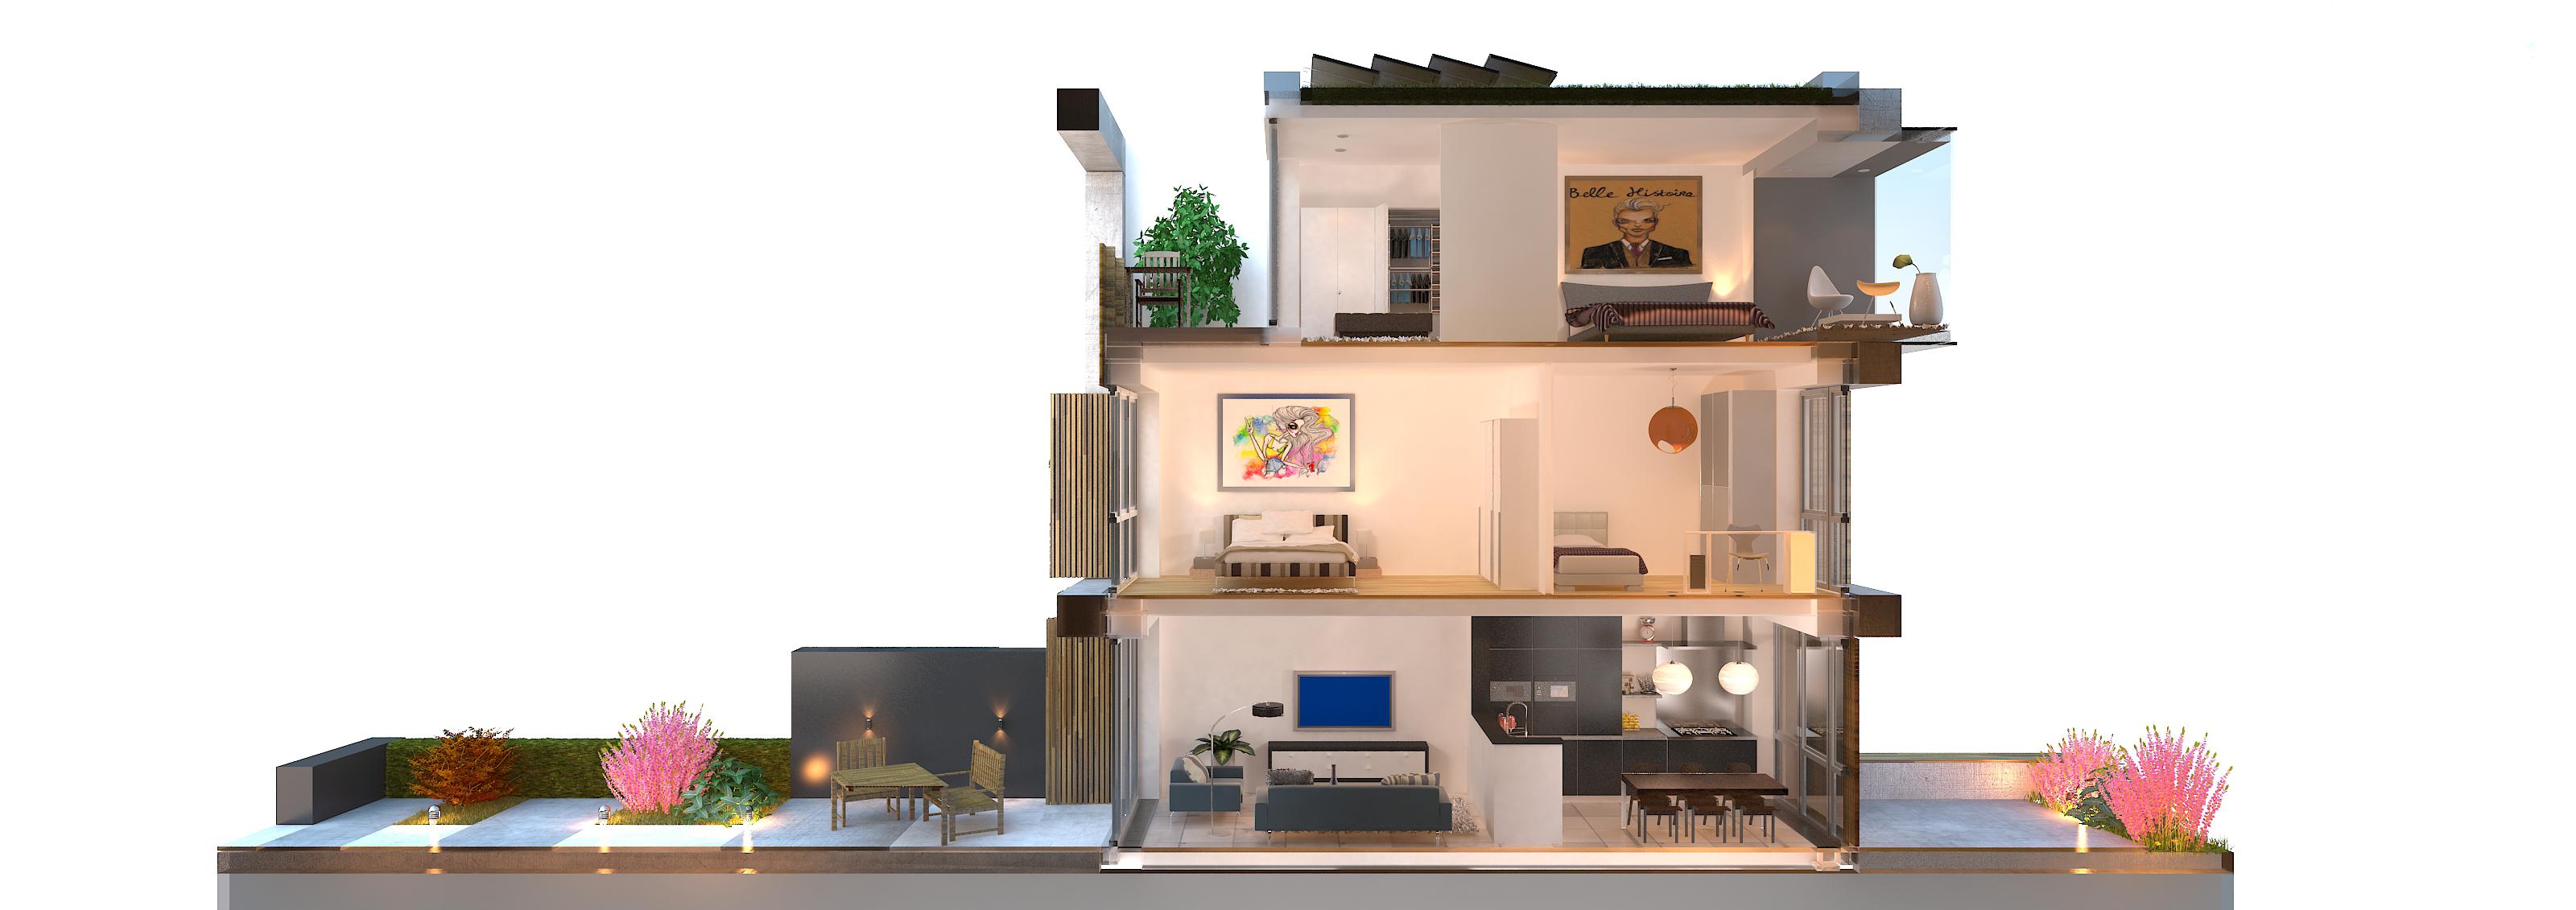 Tussenwoning zelfbouw woning droomhuis bouw eigen huis - Interieur van amerikaans huis ...